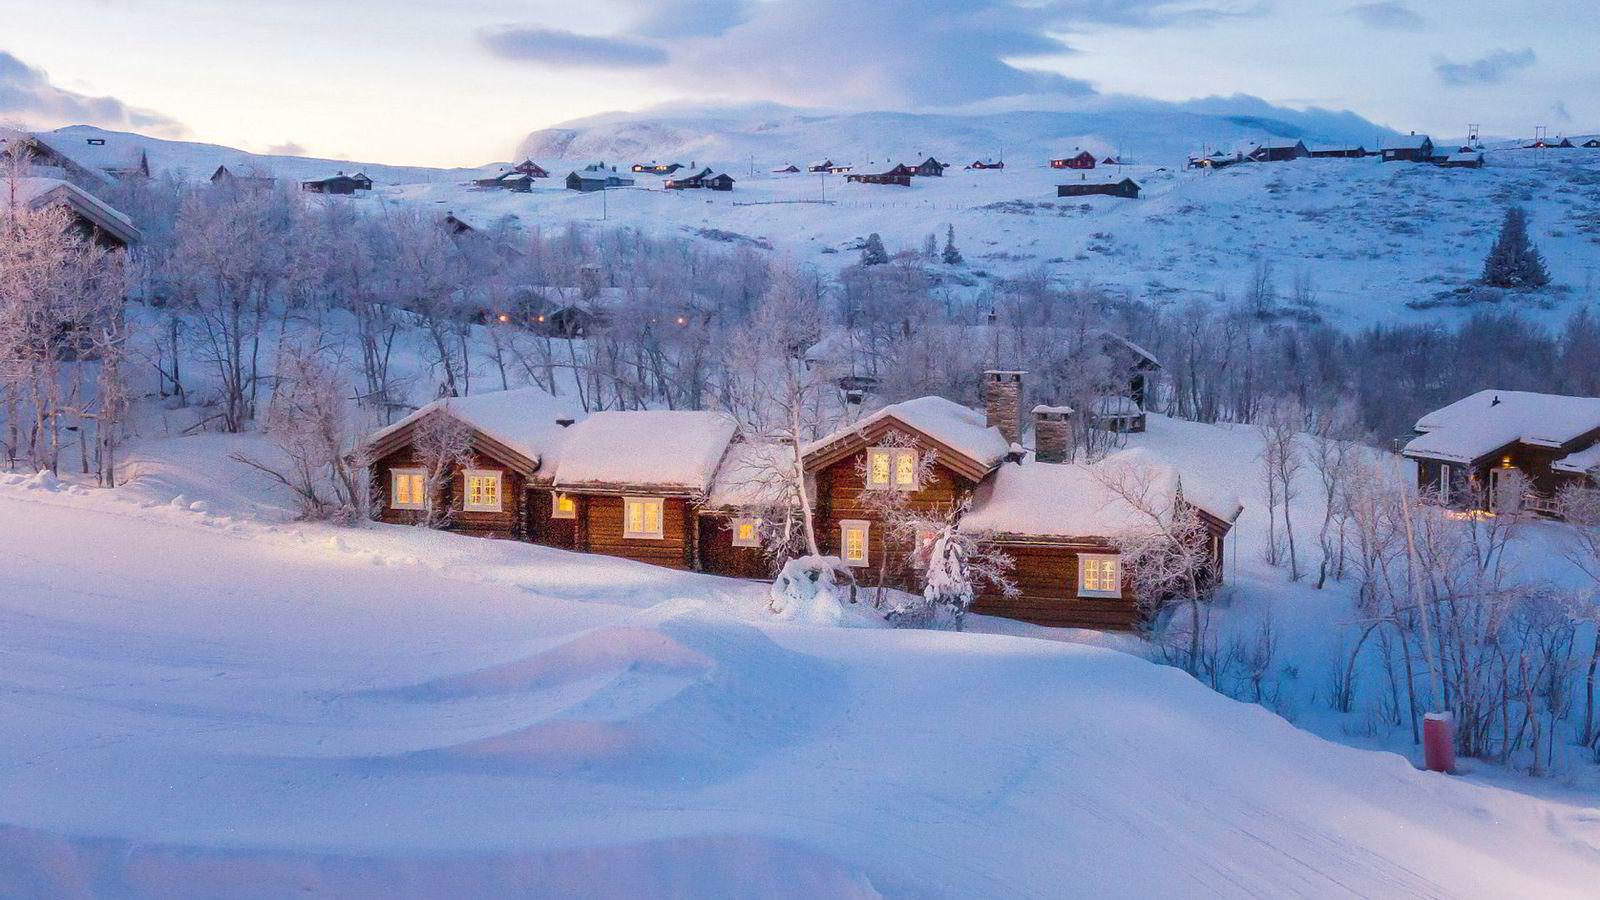 Gjennomsnittsprisen på de solgte hyttene i de i fire mest populære fjellhyttefylkene økte med 200.000 kroner i år. ifølge tallene fra DNB Eiendom. Her fra Havsdalen på Geilo